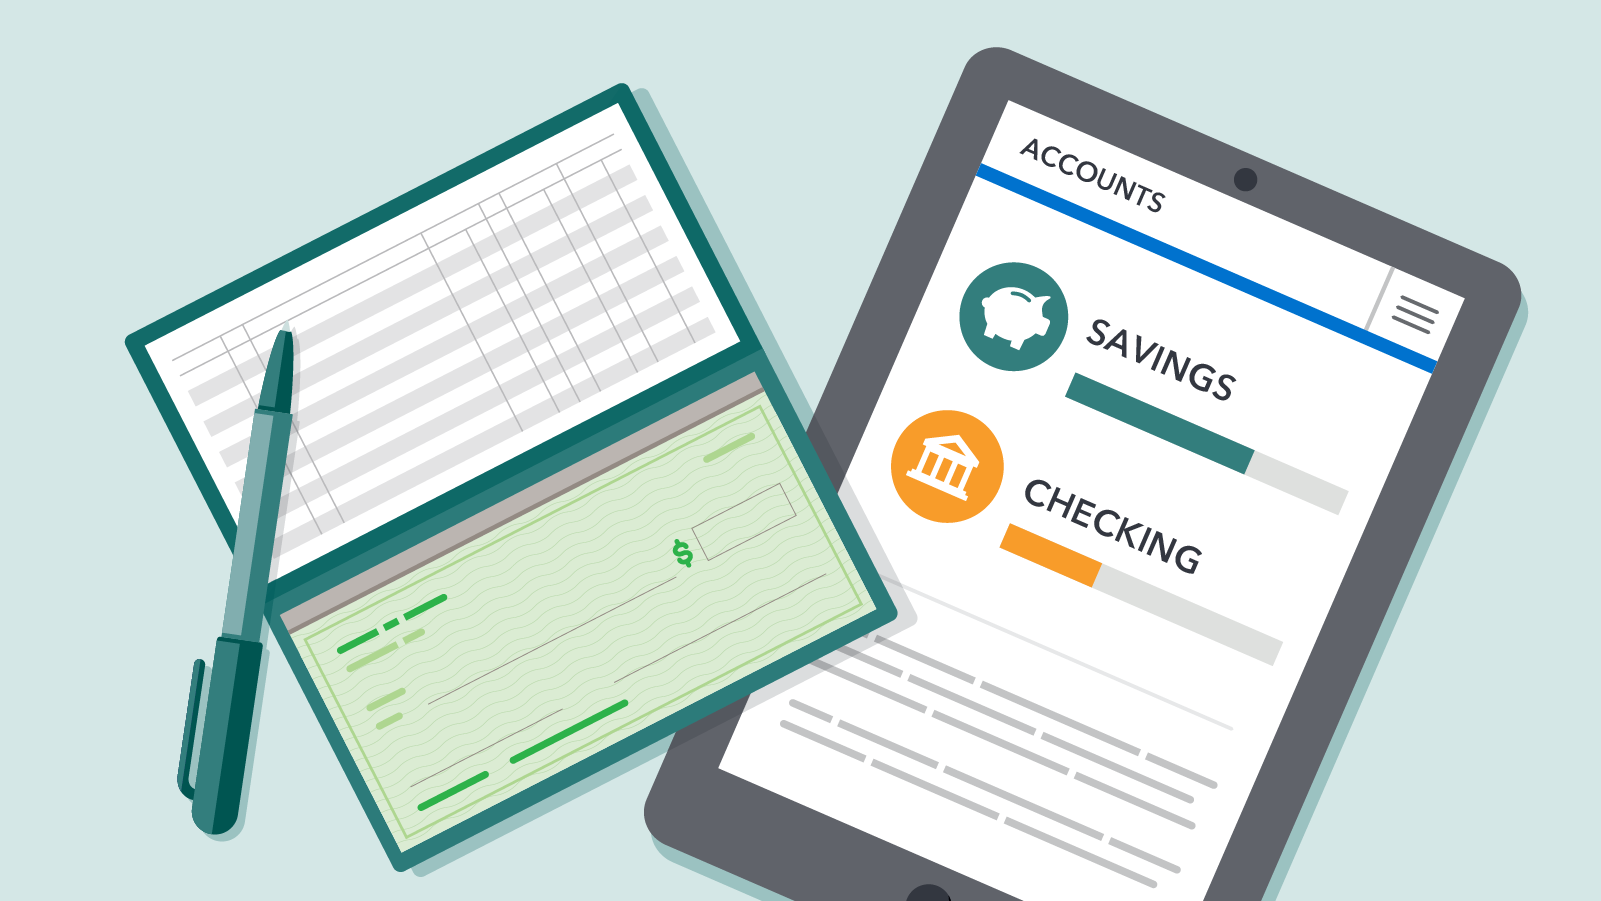 Checking account là gì?